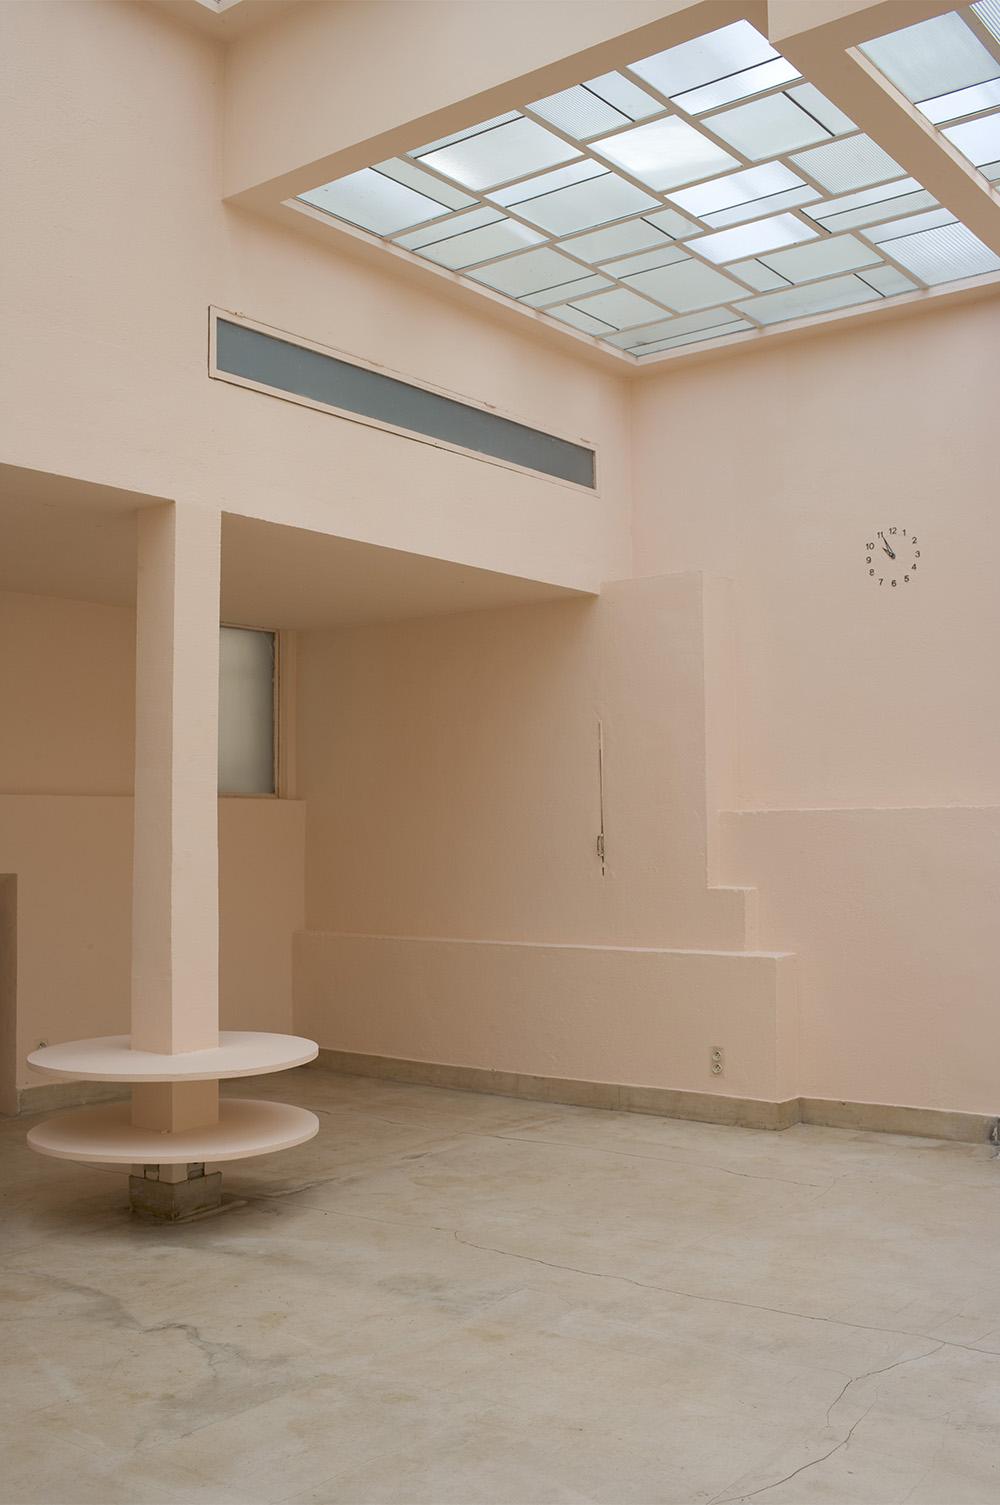 17 - le salon rose, villa Noailles © Olivier Amsellem, 2008